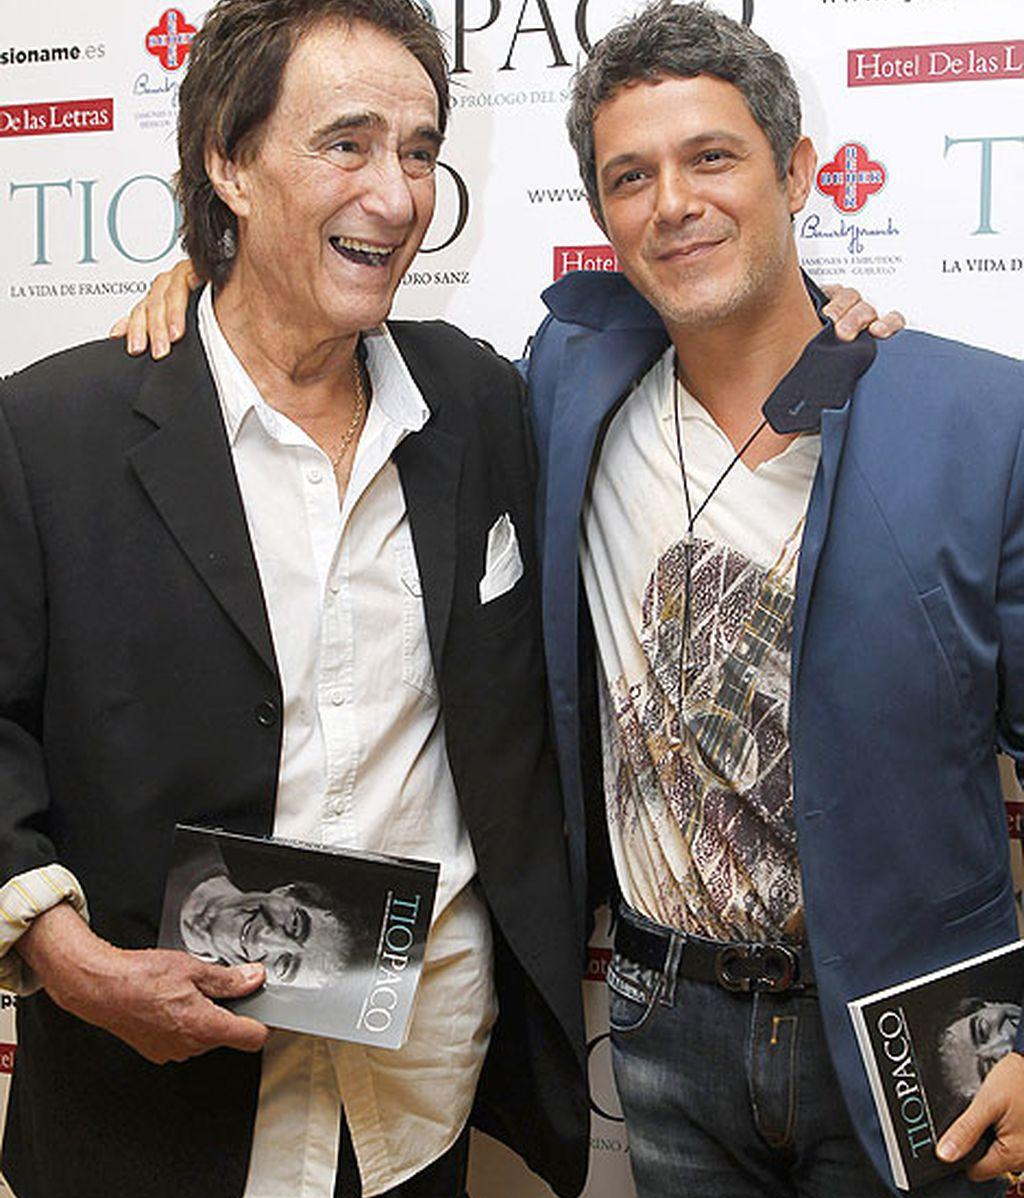 Alejandro Sanz posó junto al protagonista de la tarde, su tío Paco